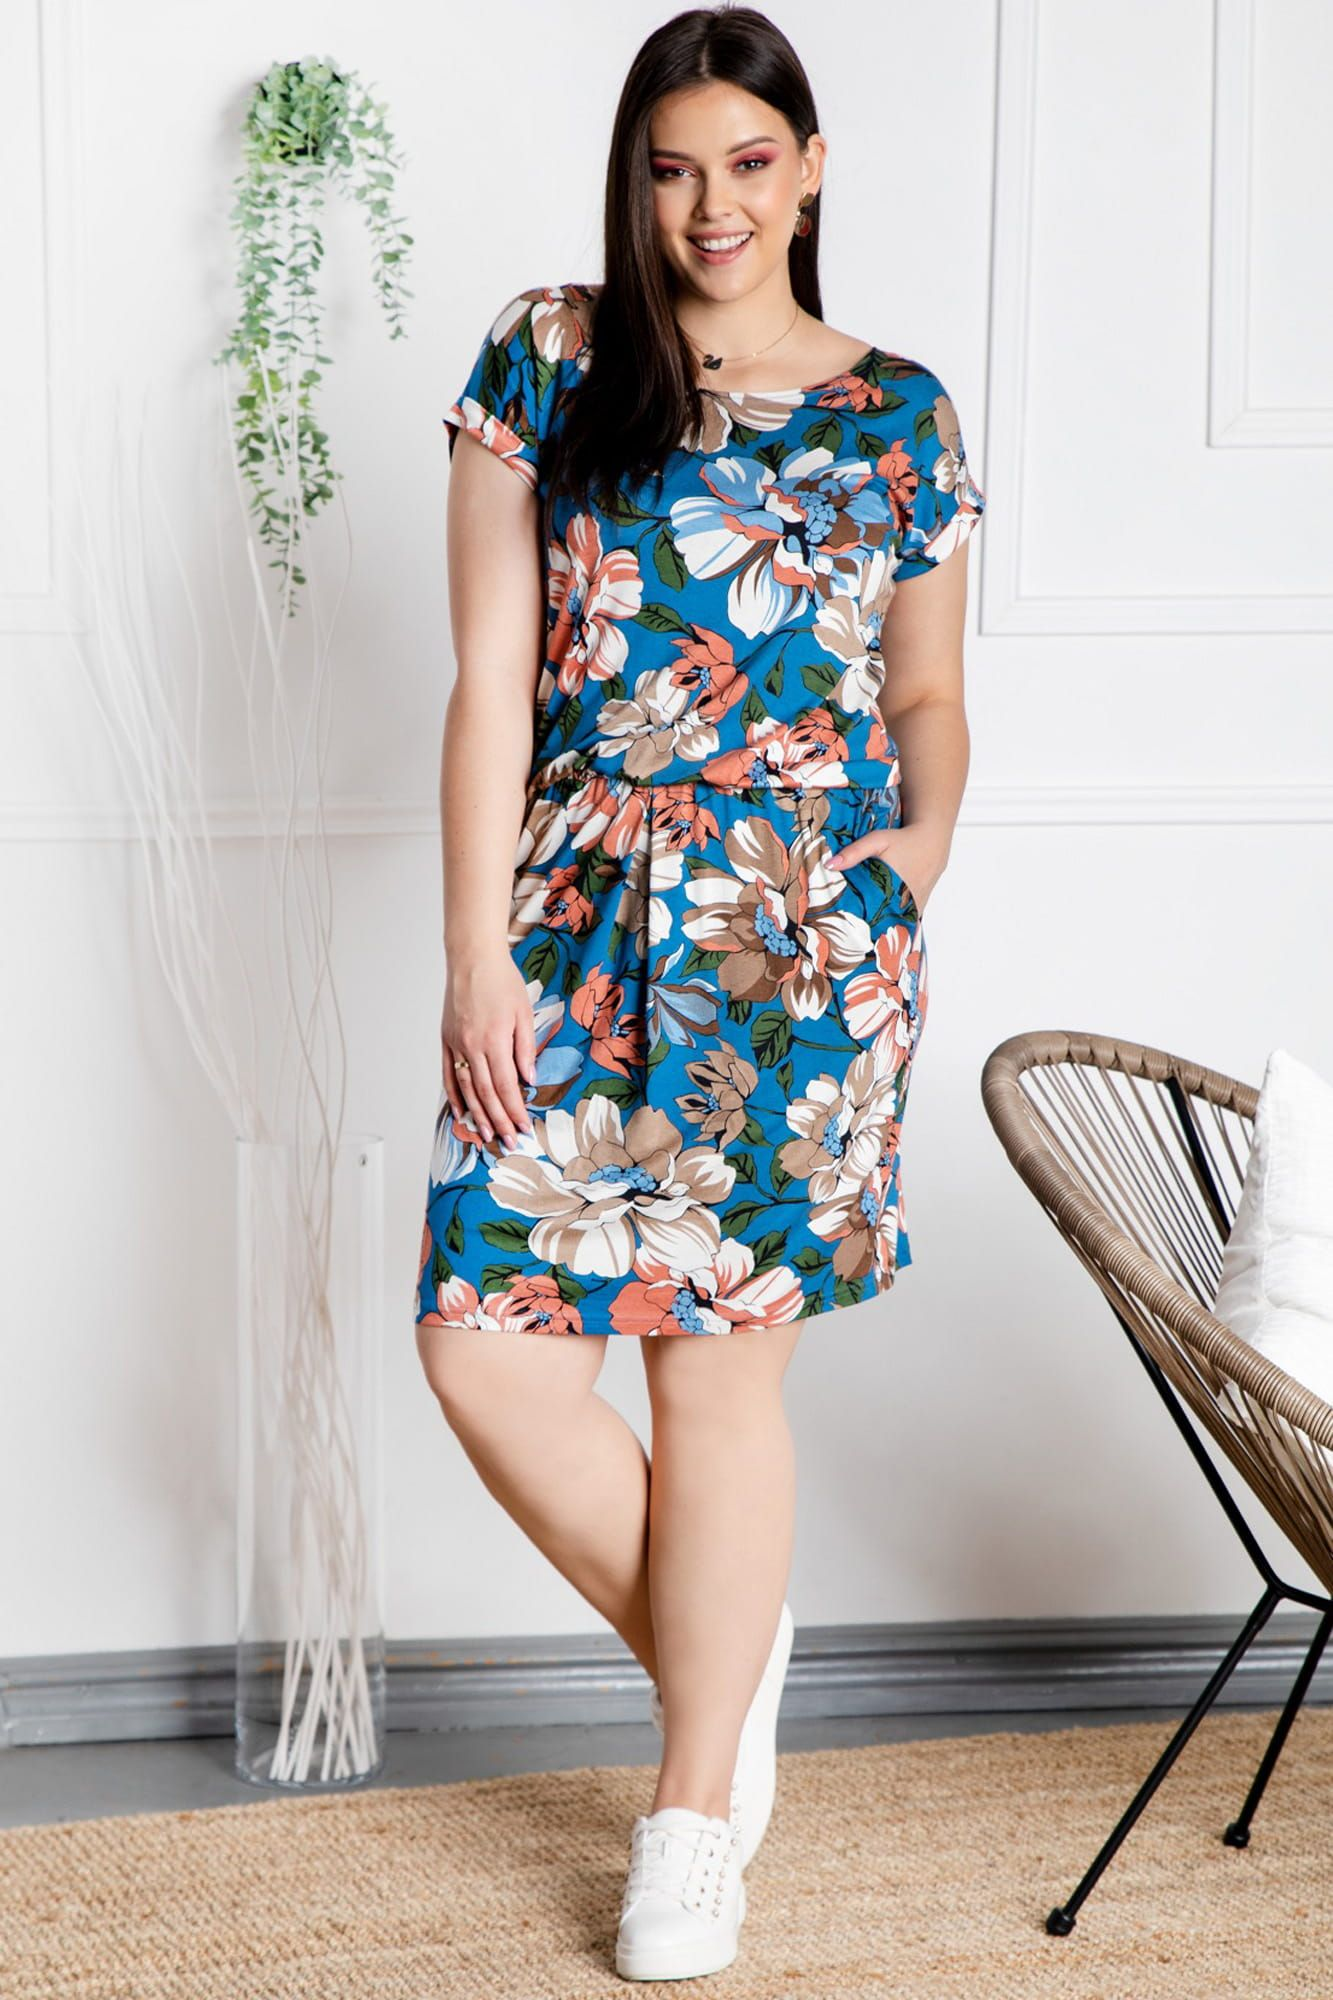 Sukienka Dresowa Manam Dzianinowa Gumka W Talii Niebieska W Kwiaty Akwarela Fashion Dresses With Sleeves Short Sleeve Dresses